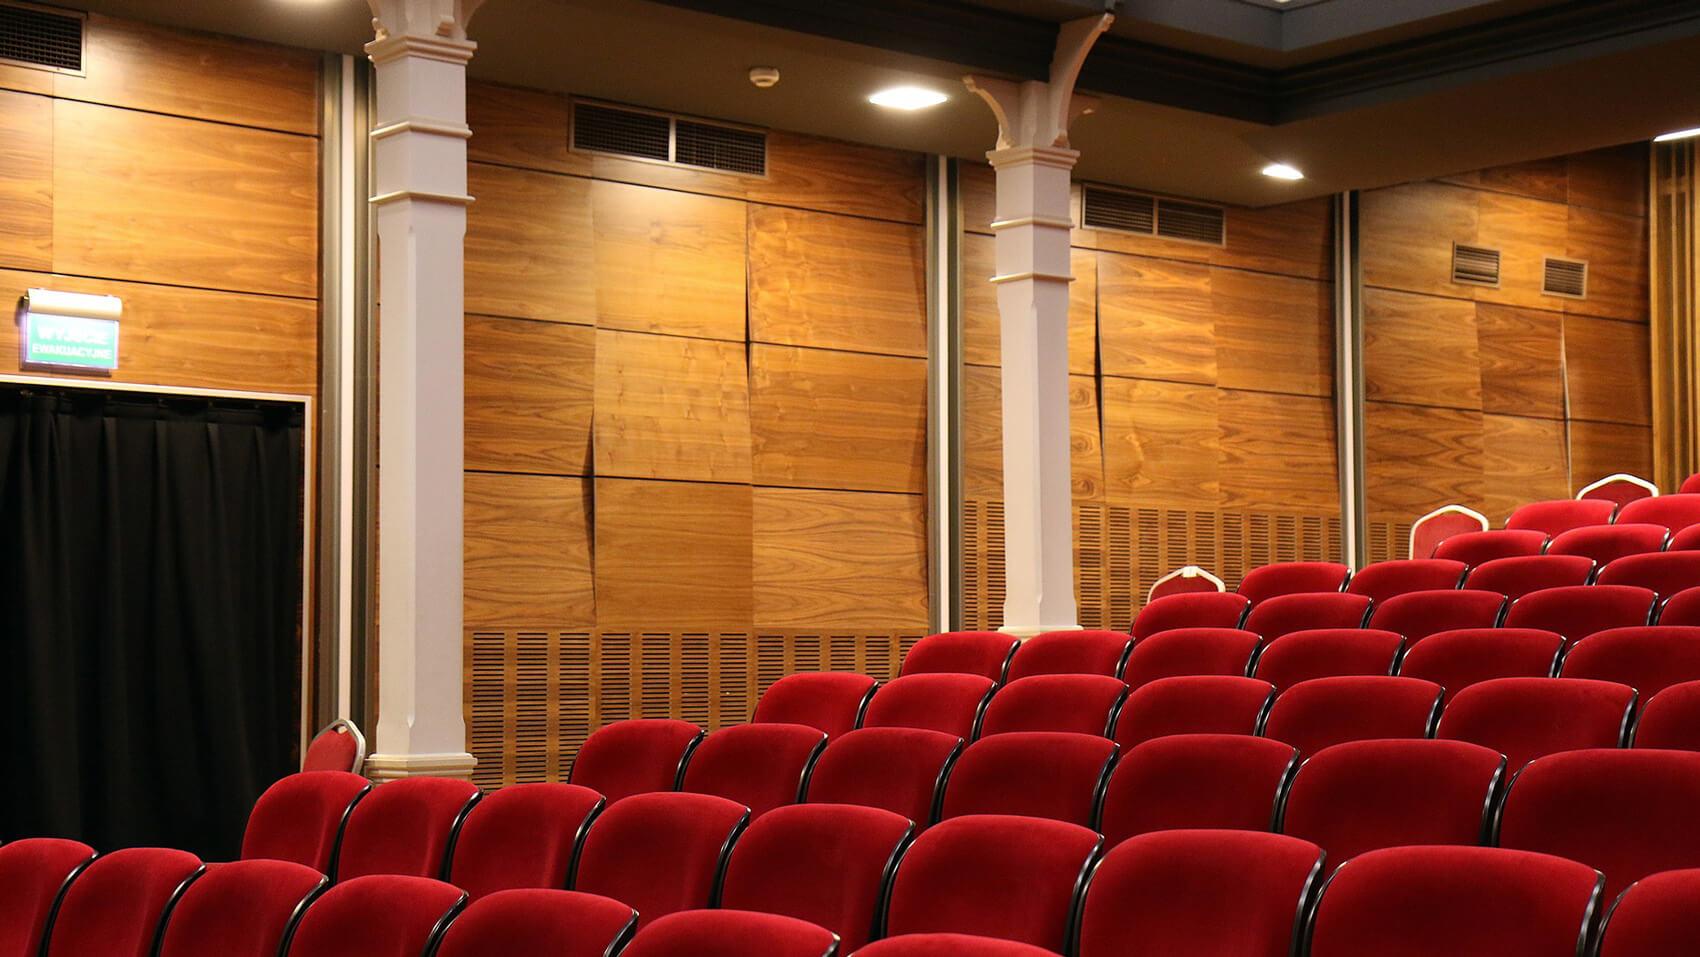 Assentos do Teatro Clara Nunes. Matéria sore o incêndio no teatro